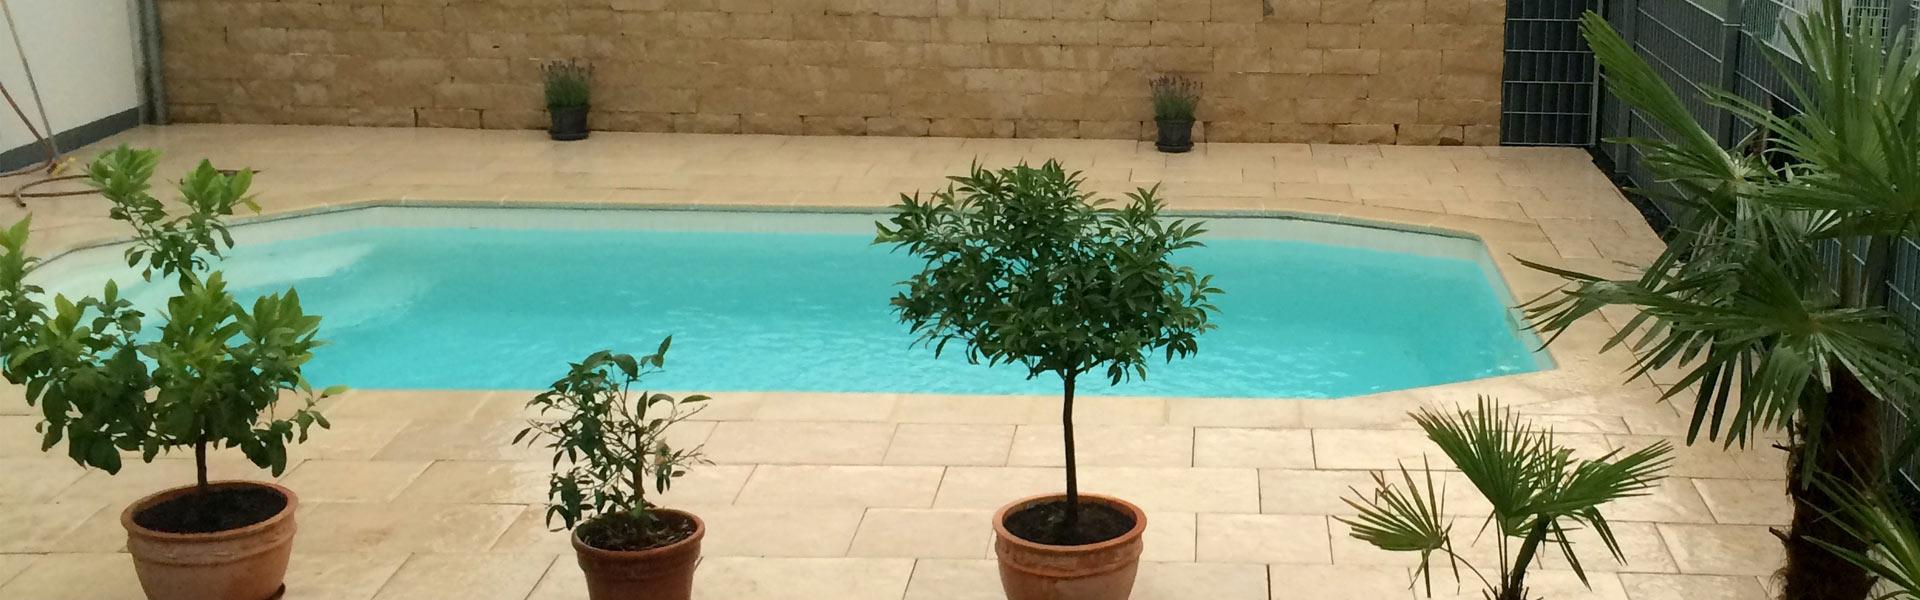 Bild von neu gestaltetem Pool in Privatgarten